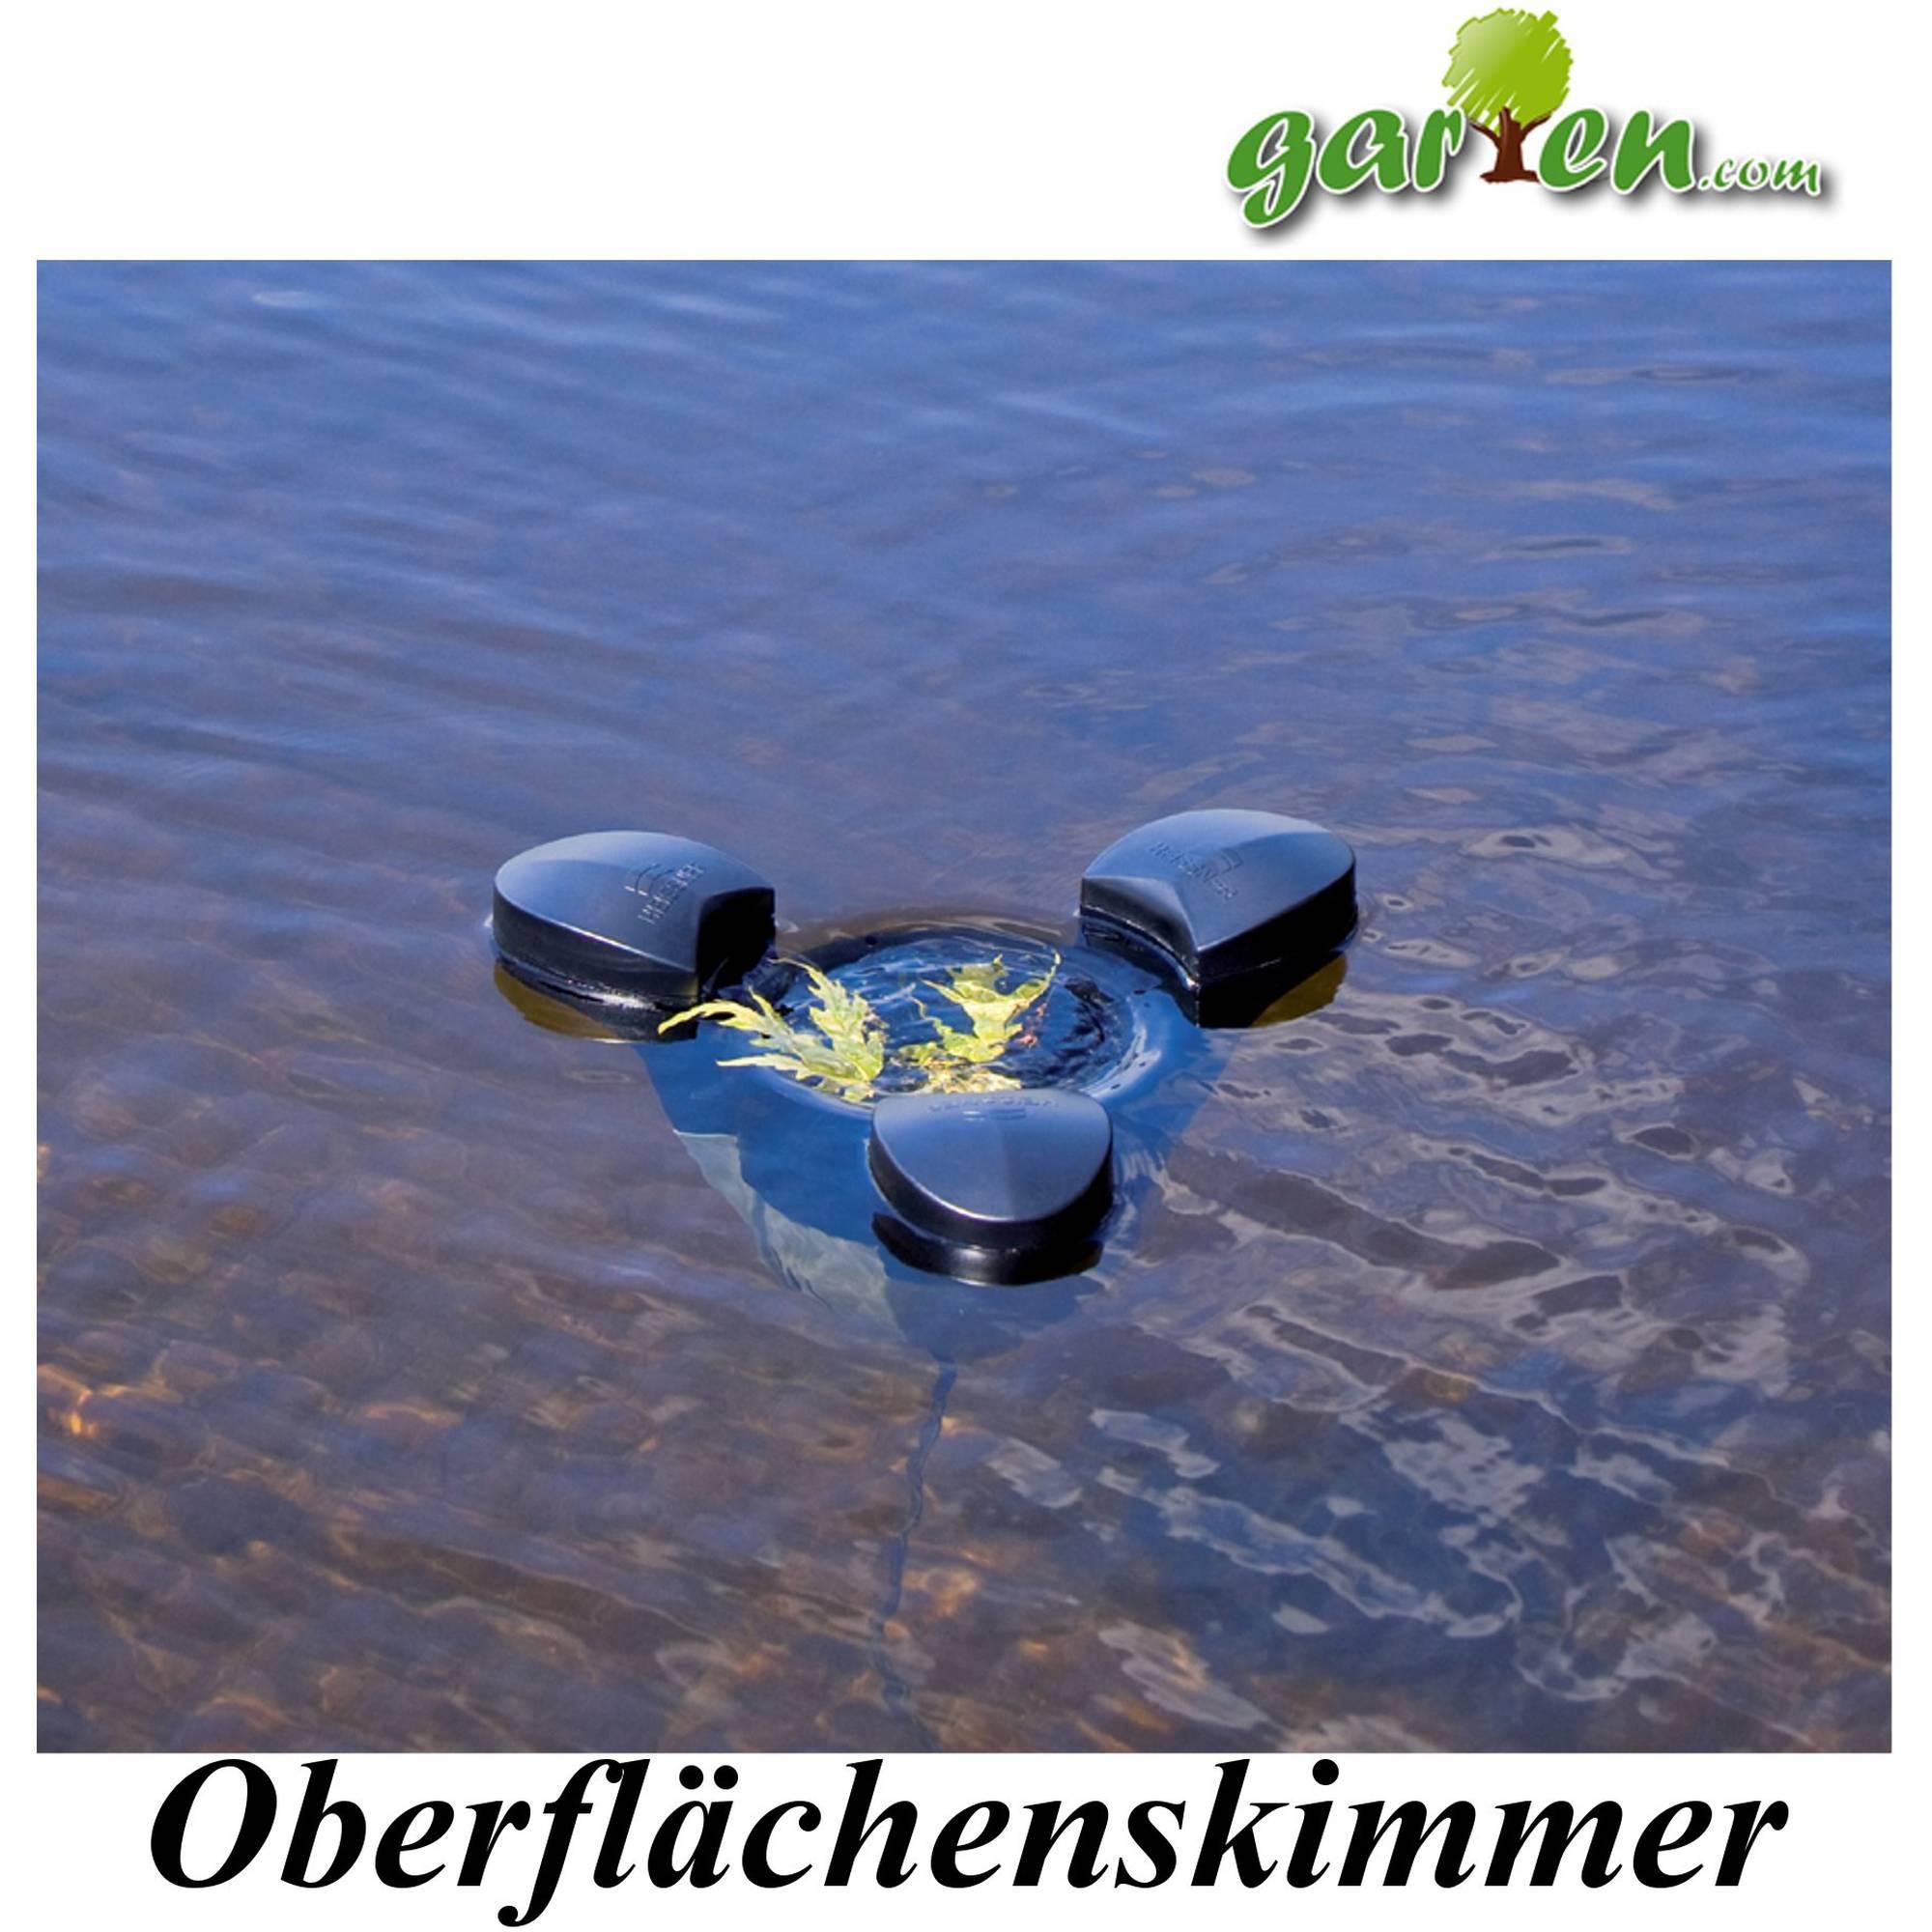 Skimmer Teichskimmer von Heissner inkl. Pumpe